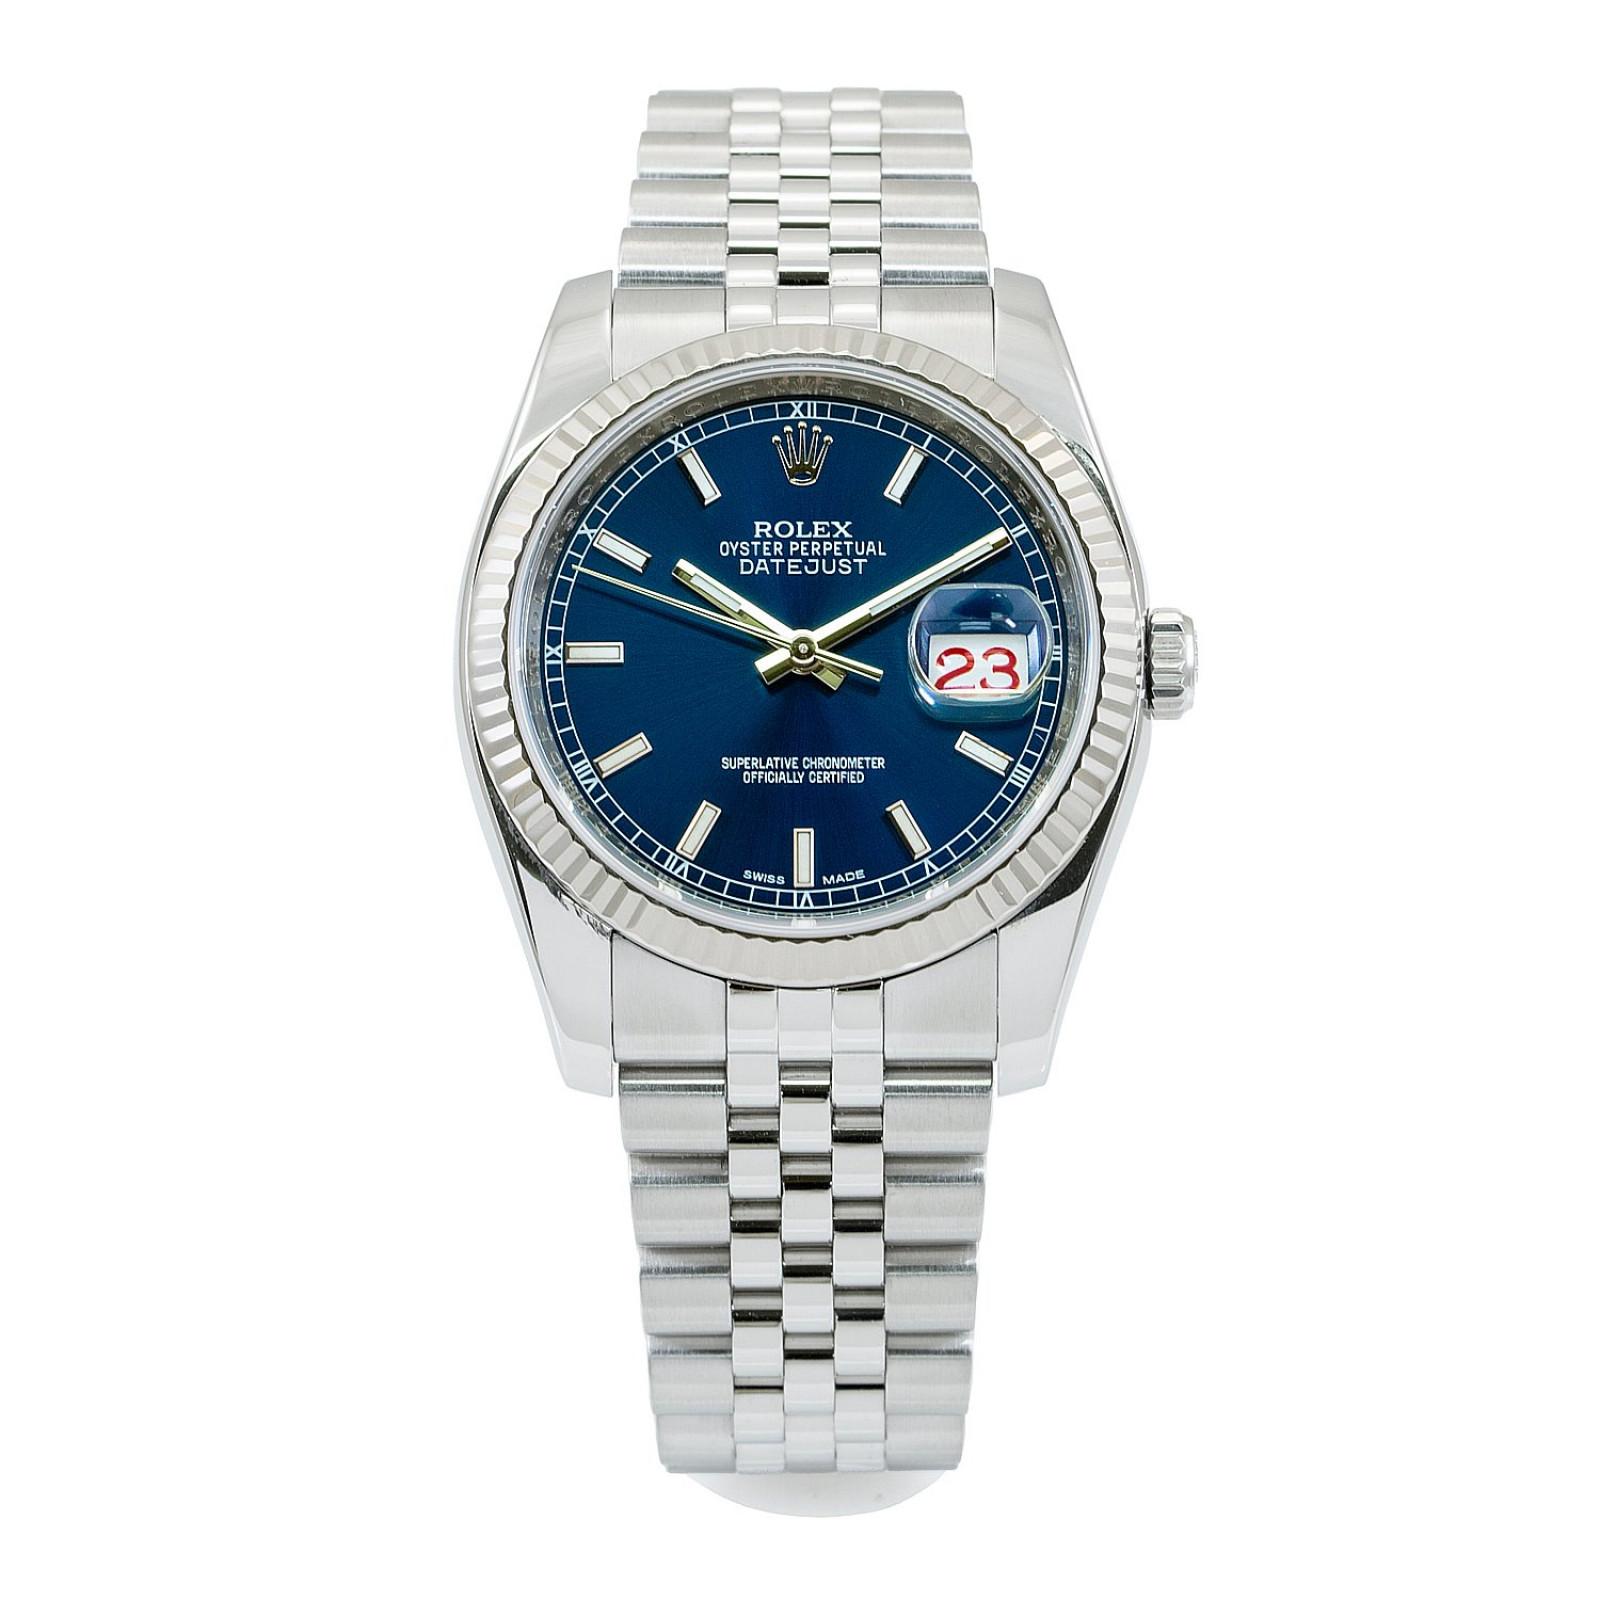 2014 Blue Rolex Datejust Ref. 116234